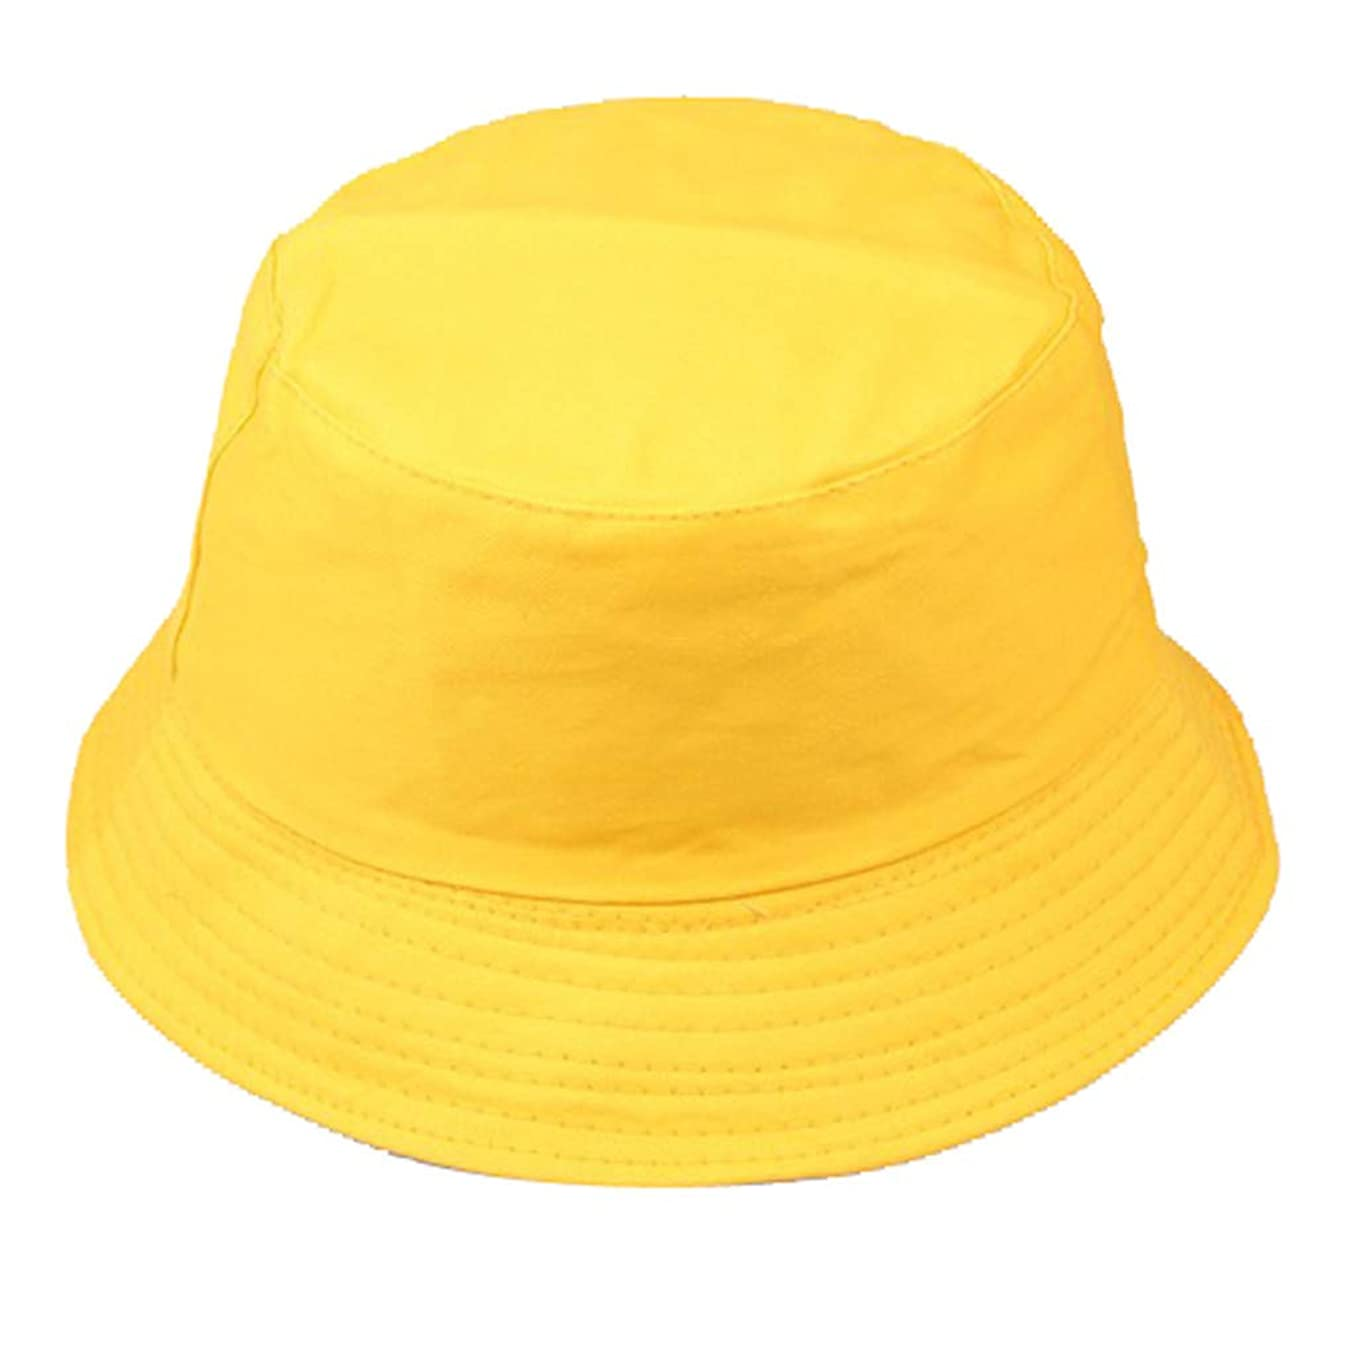 甘やかすラジエーターファーザーファージュ帽子 レディース 漁師帽 つば広 UVカット 熱中症 夏 海 紫外線 日除け レディース 帽子 キャップ ハット レディース 漁師の帽子 小顔効果抜群 アウトドア 紫外線対策 日焼け対策 ハット 調整テープ ROSE ROMAN